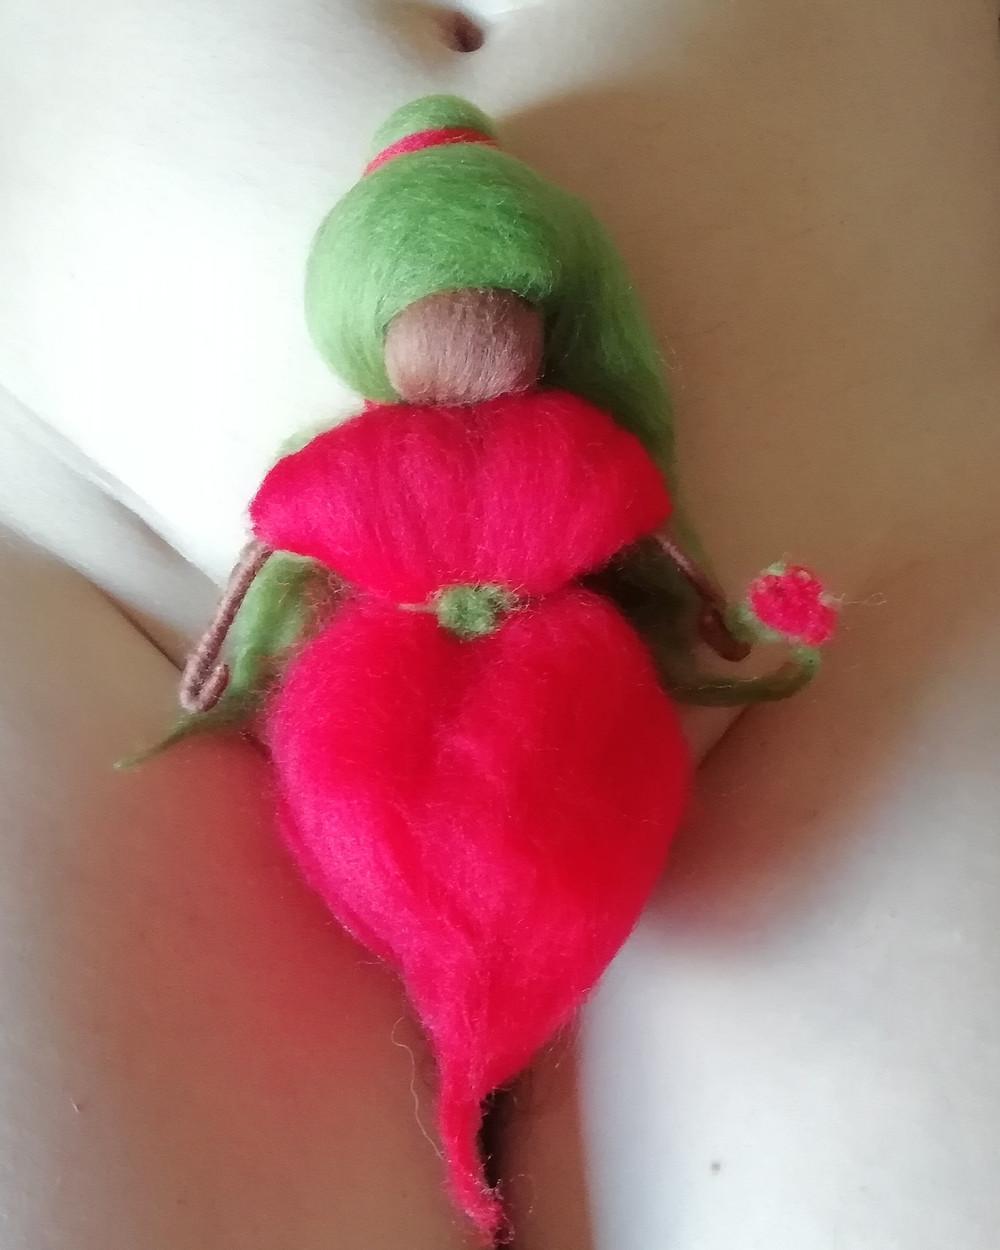 Arte Menstrual con lana de merino inspirado en los Relatos del Cántaro de Ximena Noemí